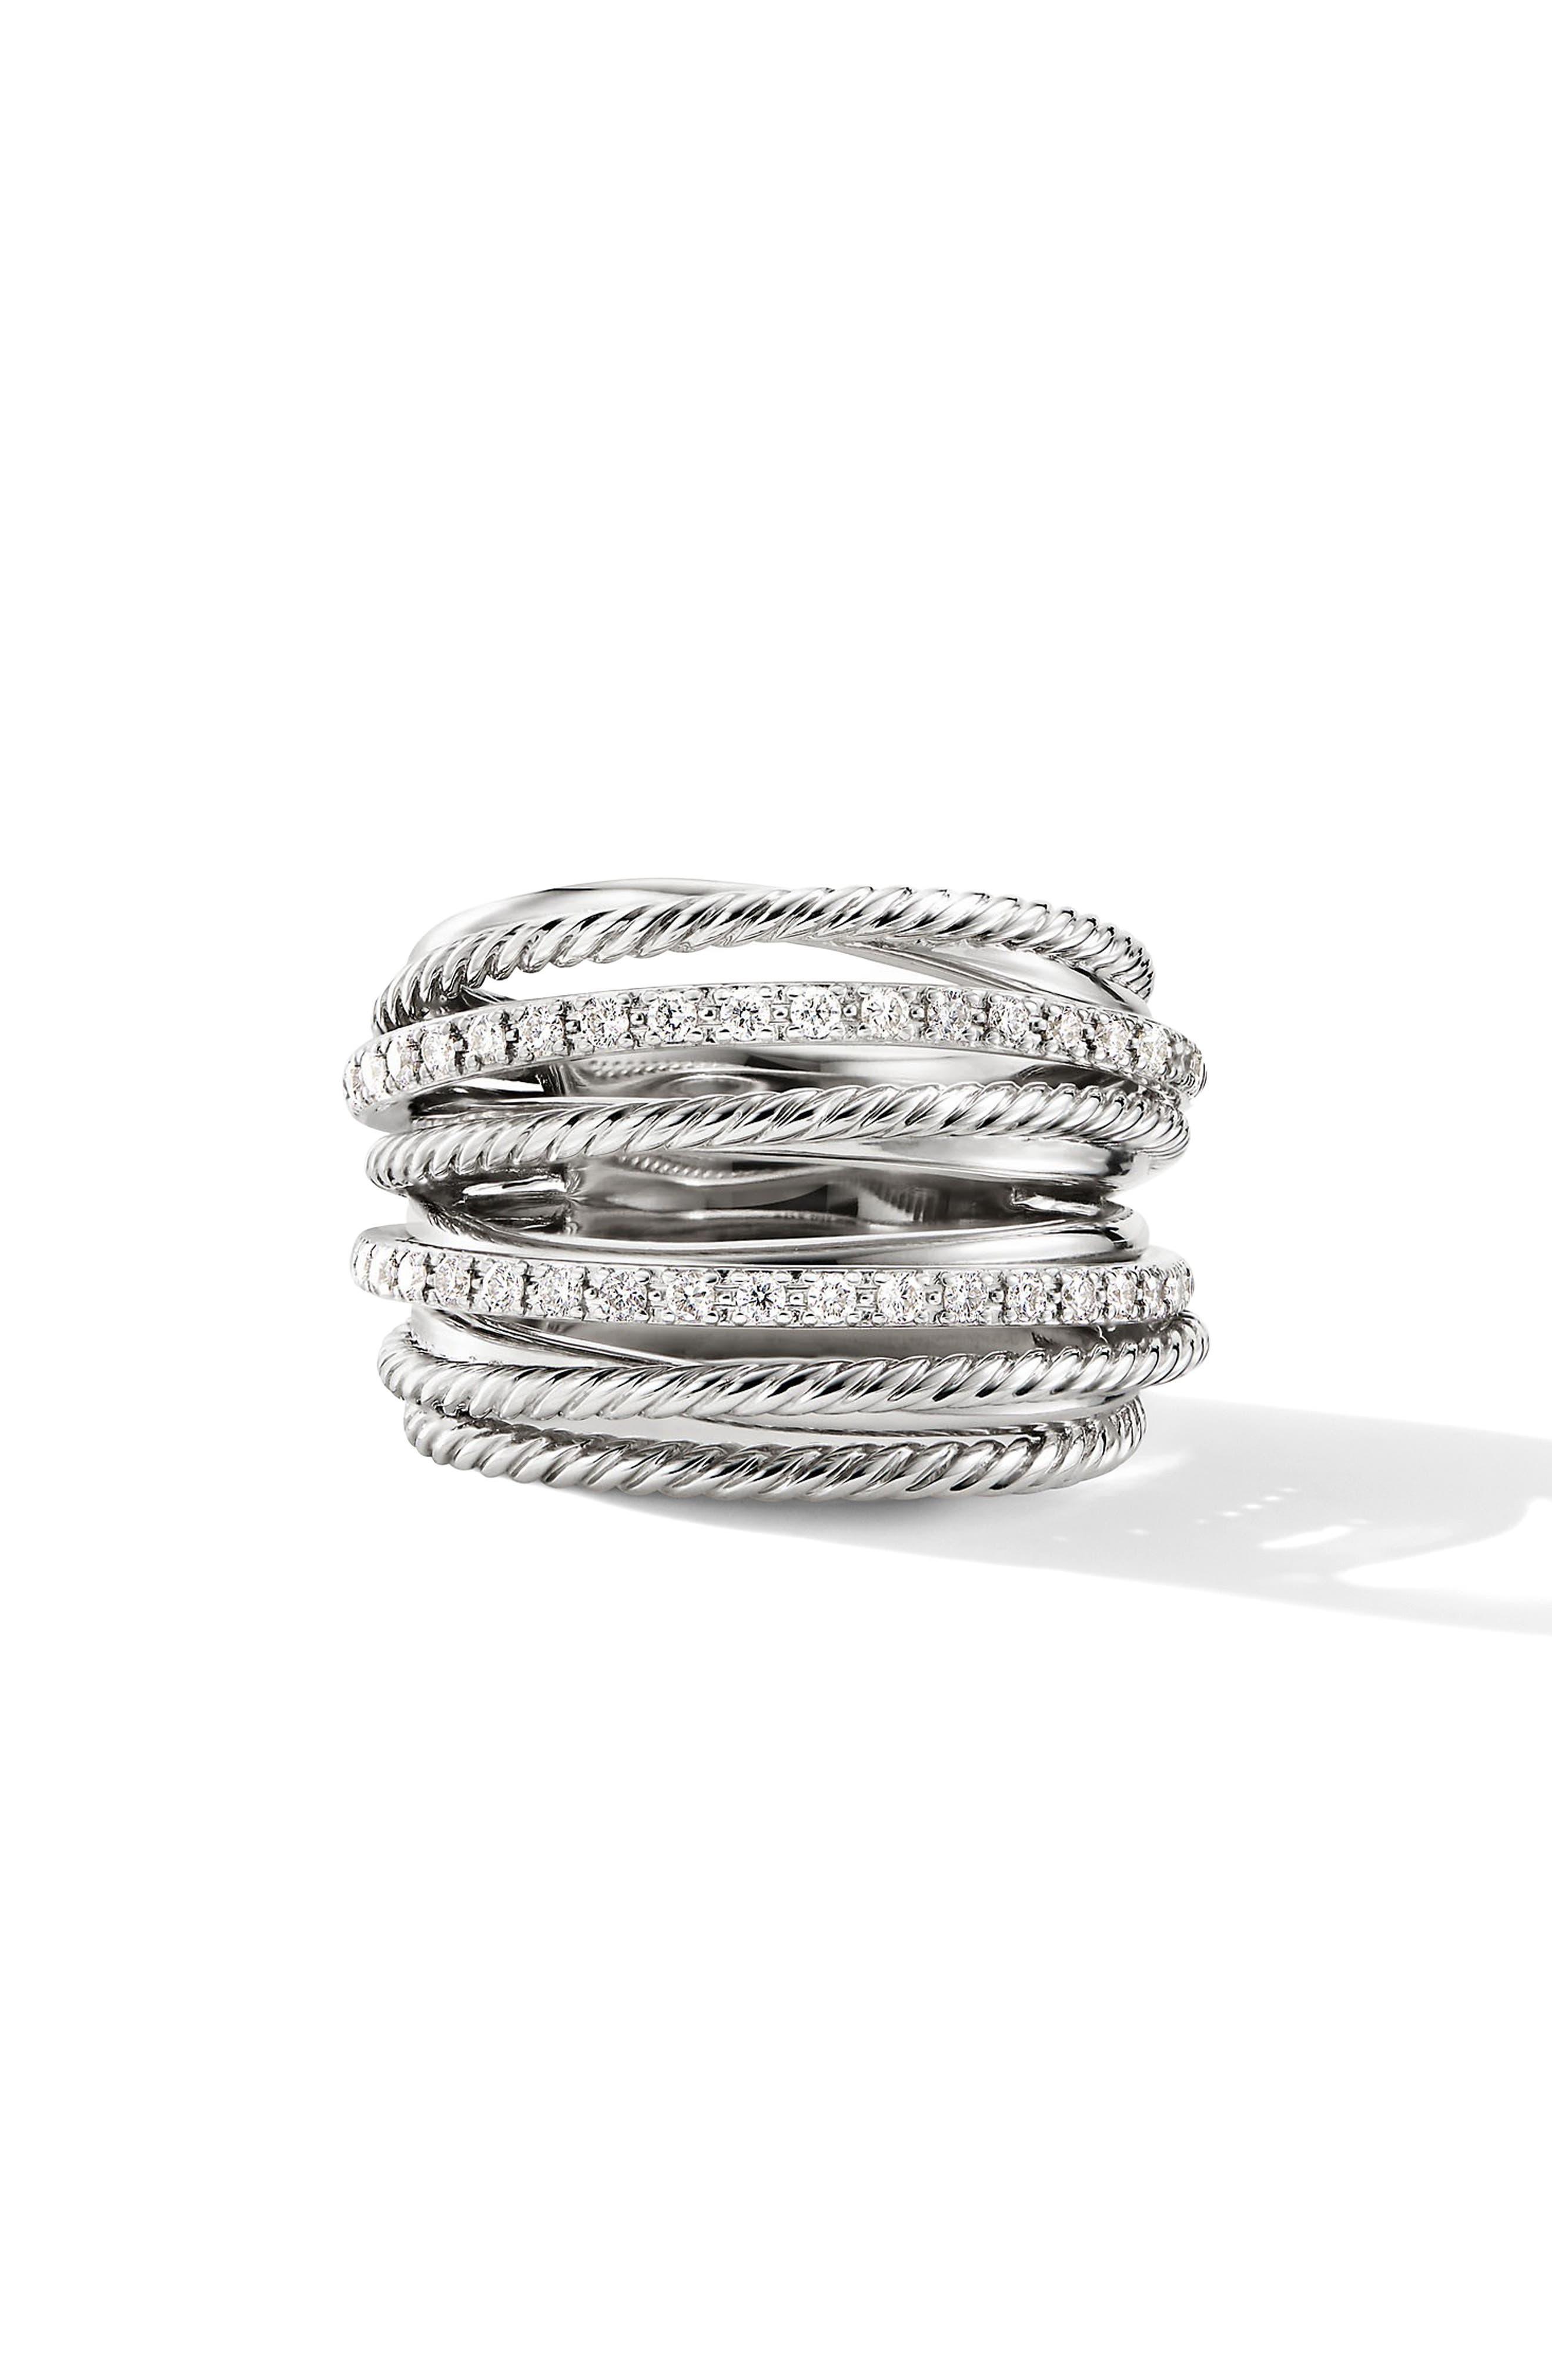 DAVID YURMAN Wide Crossover Pavé Diamond Ring, Main, color, SILVER/ DIAMOND